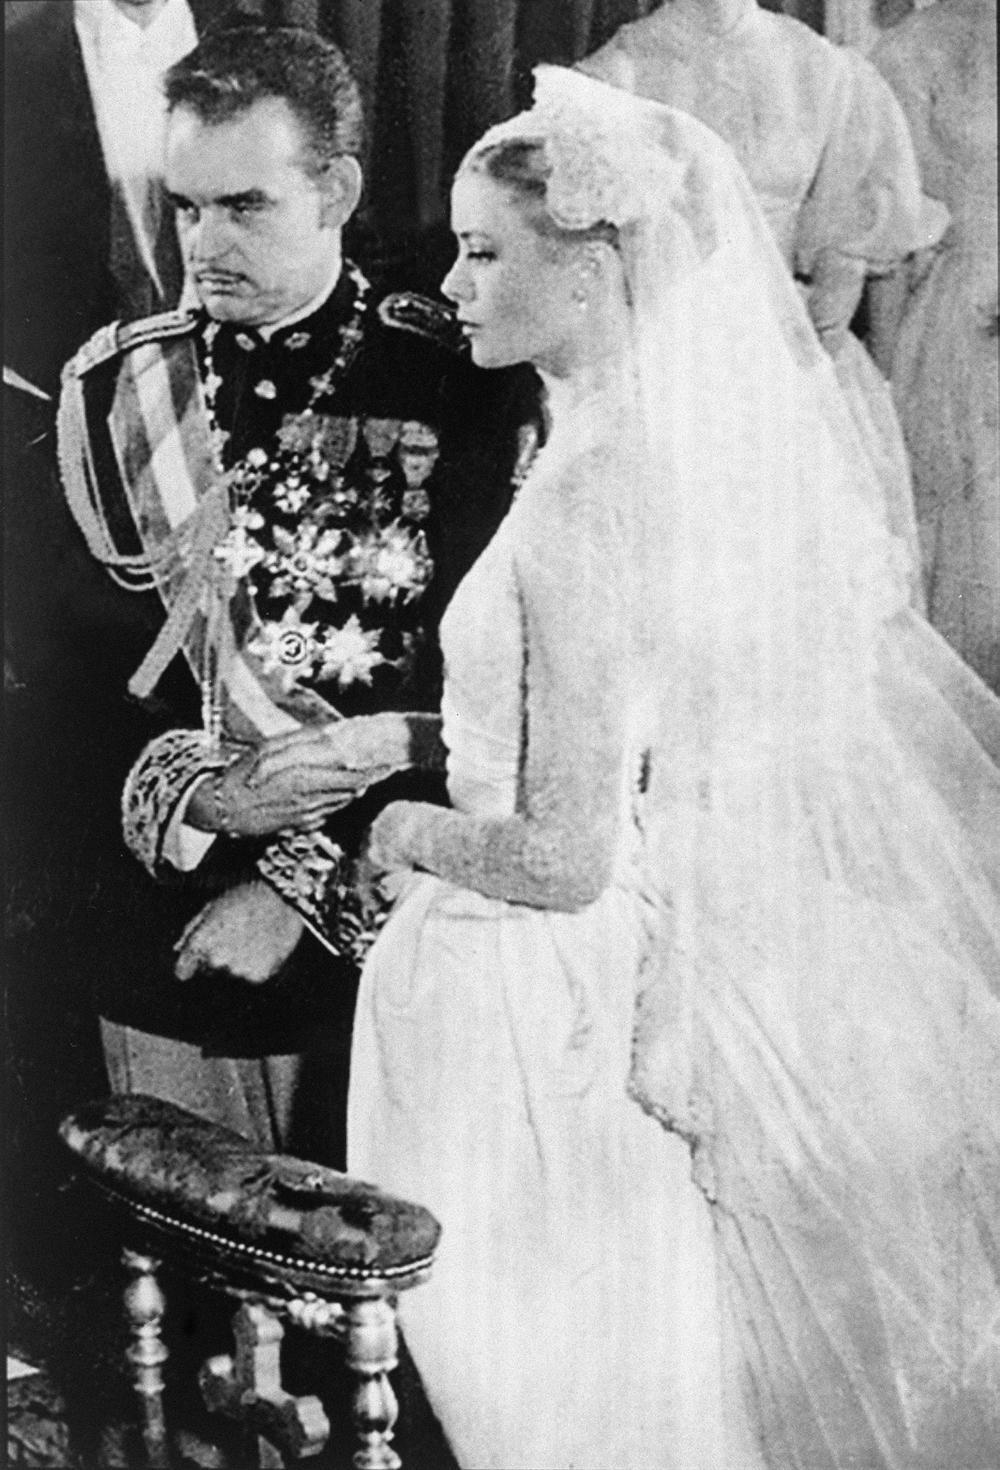 <p>Ikona stila, muza Alfreda Hičkoka i princeza od Monaka samo su neki od pojmova koji se povezuju s legendarnom Grejs Keli. Međutim, njen život nije bio bajka.</p>